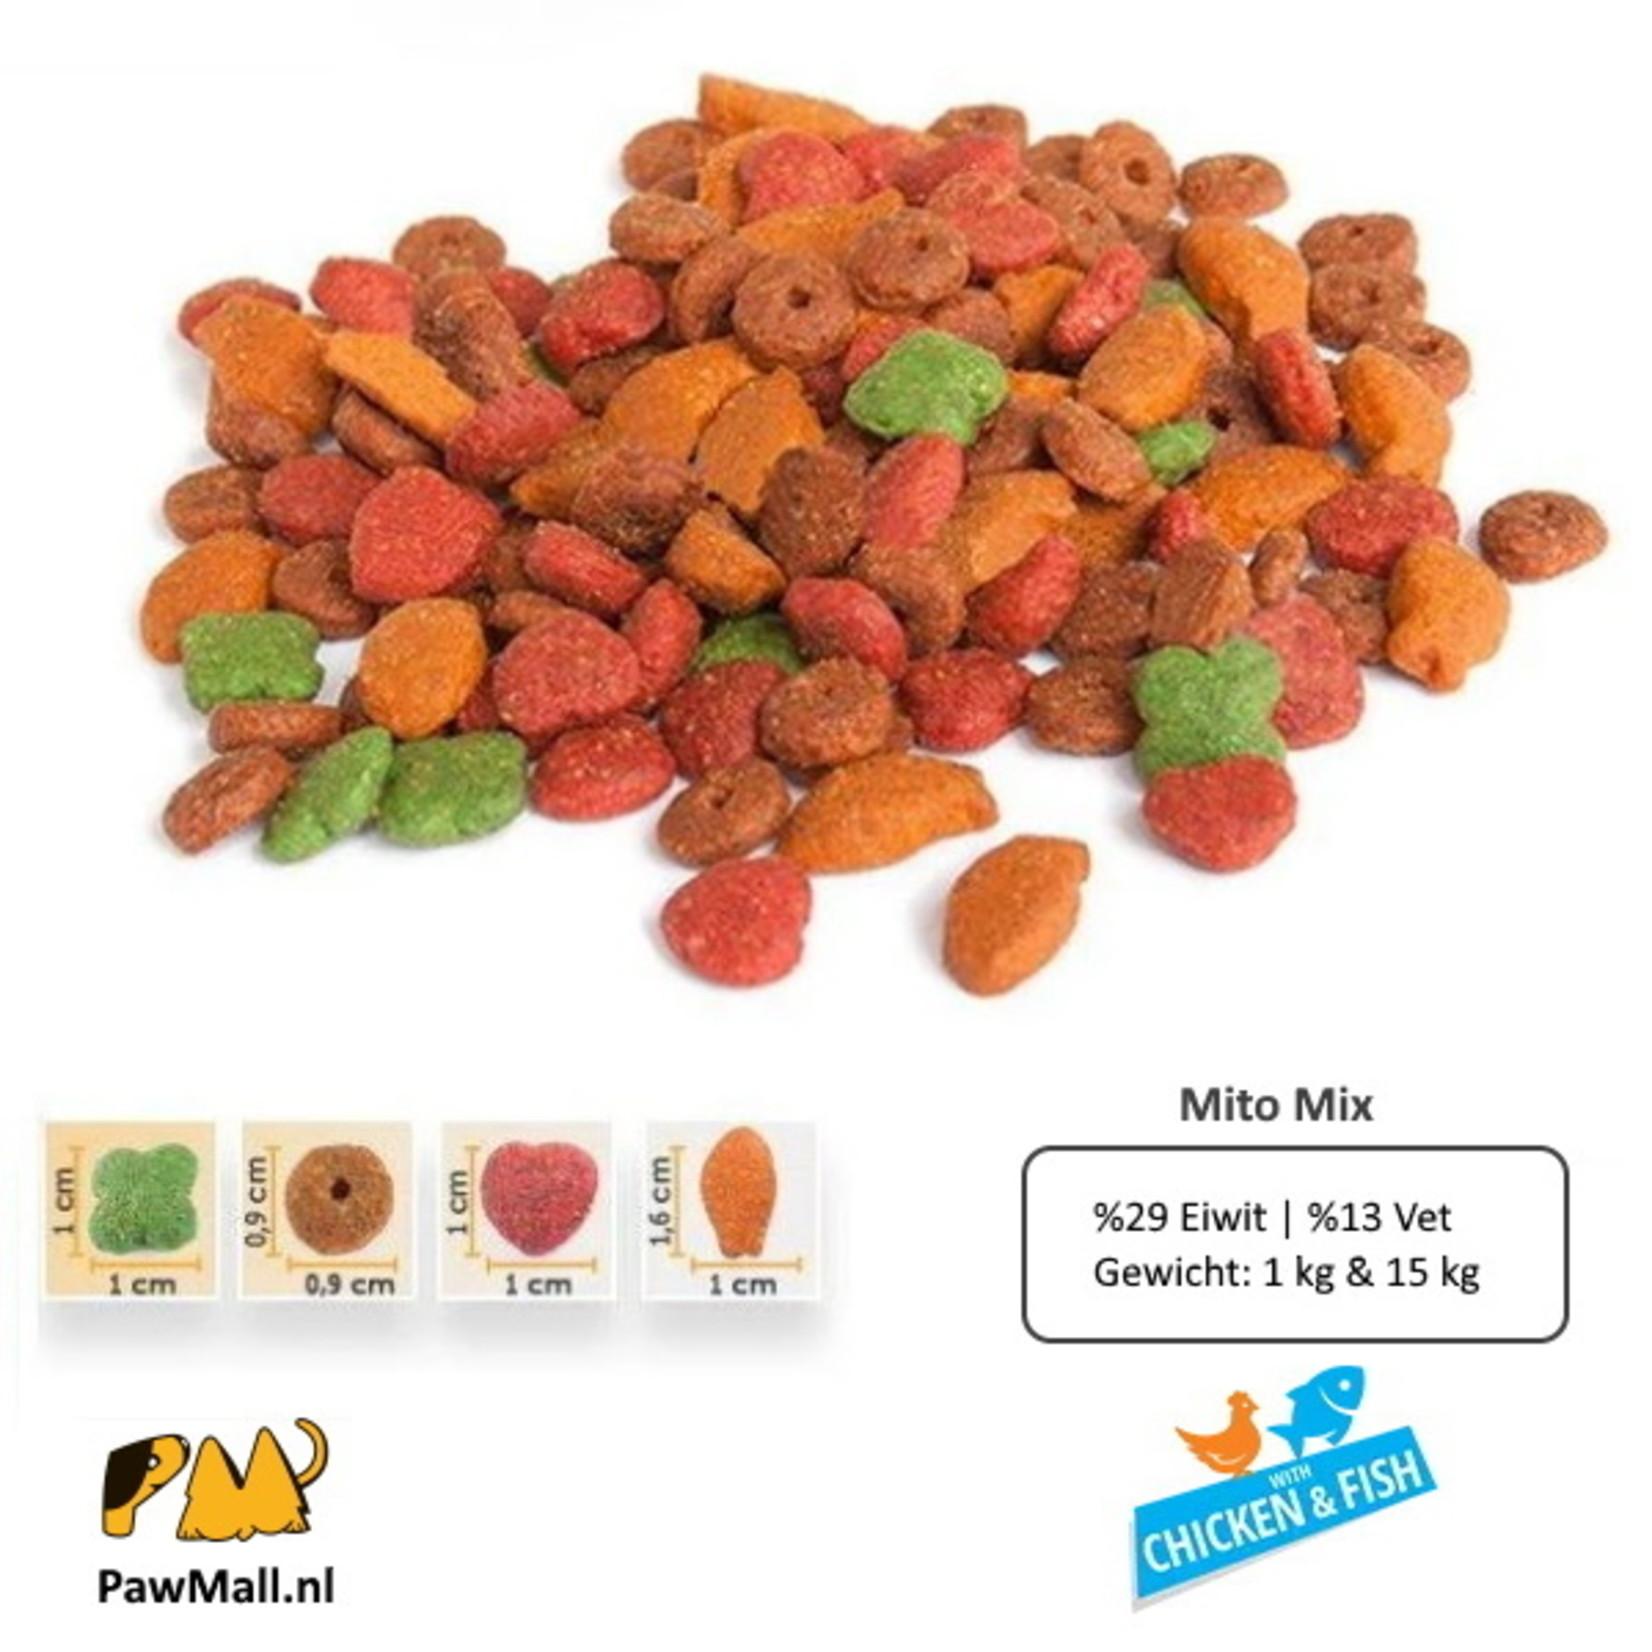 Mito Mito Mix Kip &Vis | Premium Economic Kattenvoer